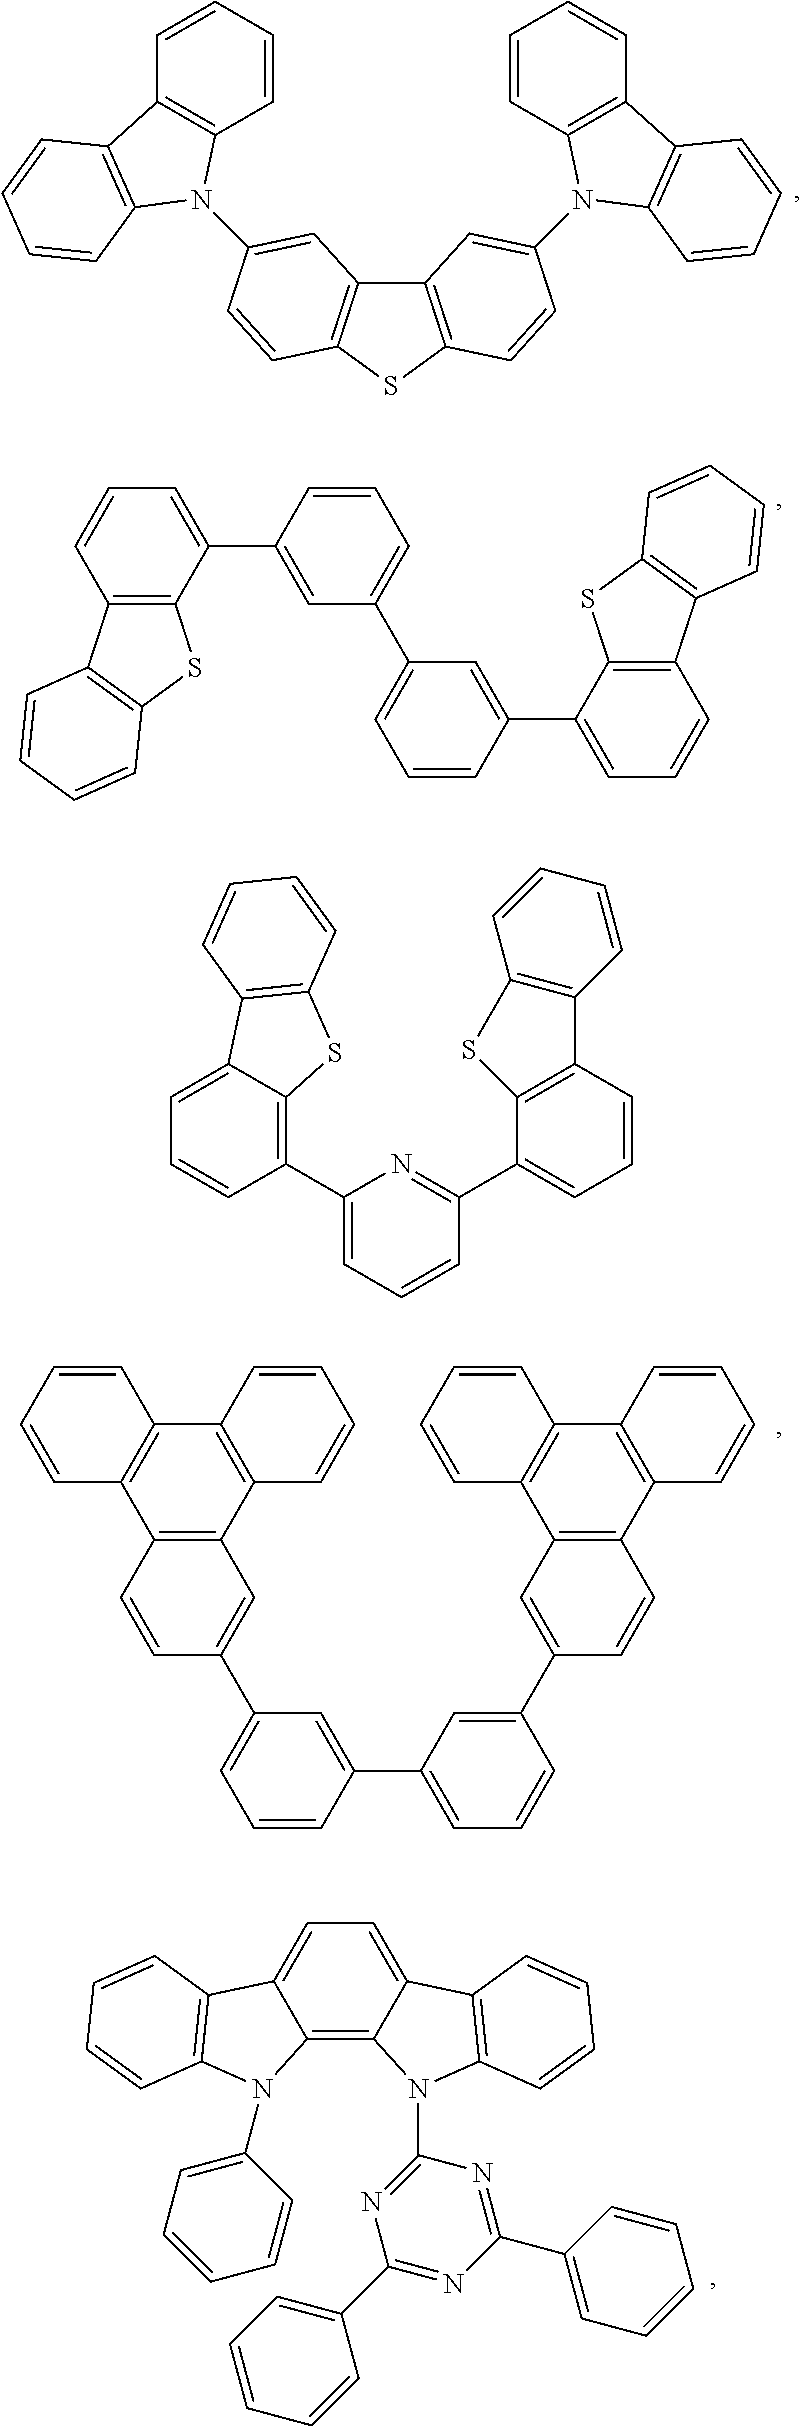 Figure US09978958-20180522-C00261